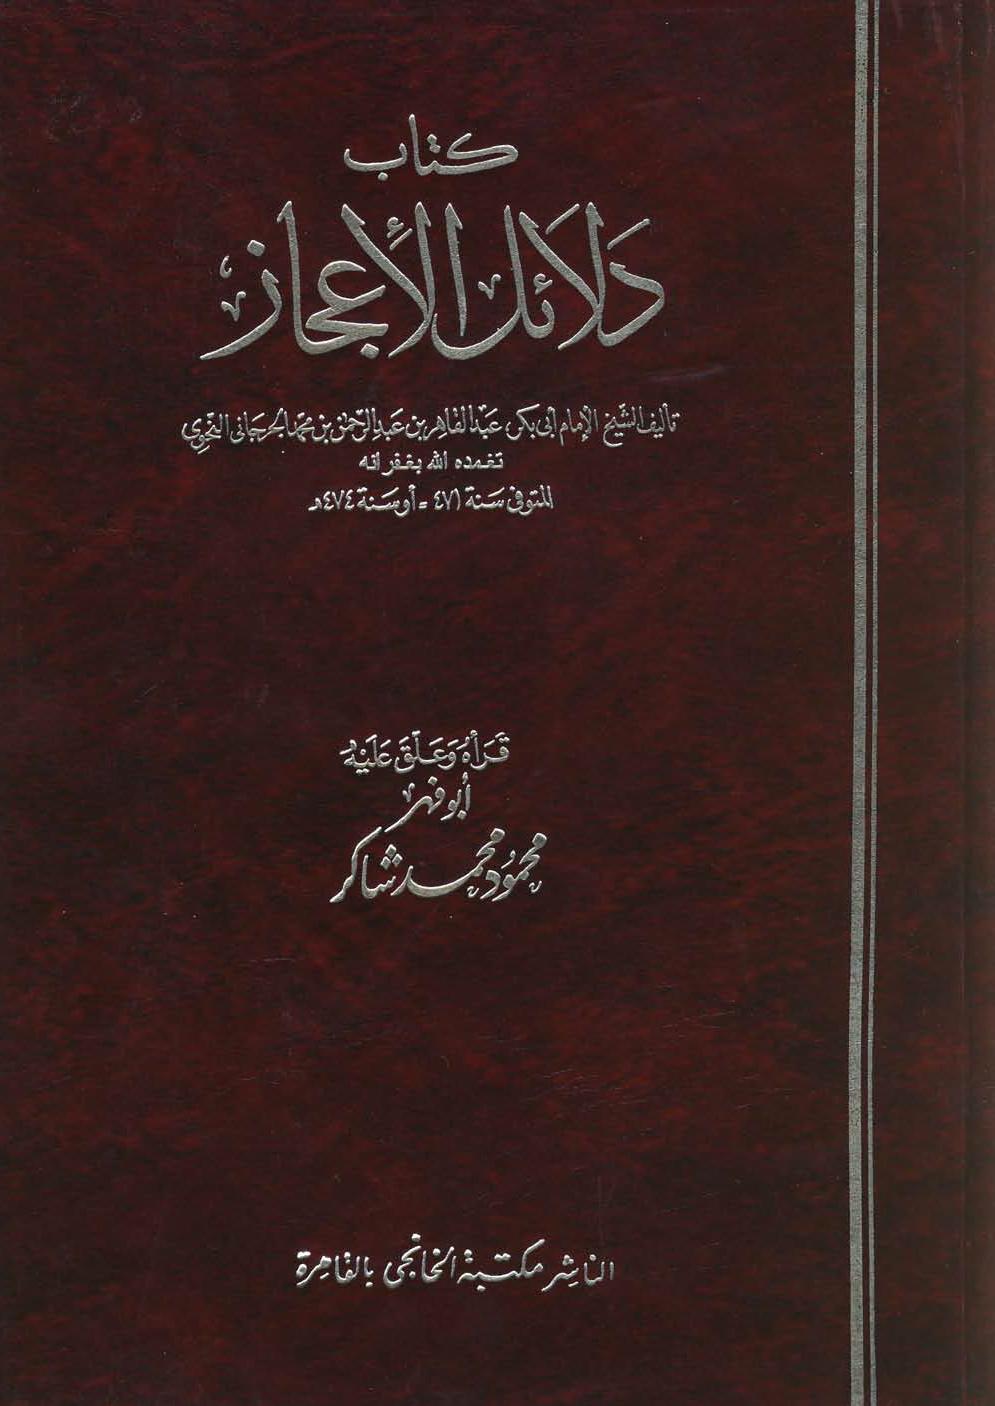 كتاب دلائل الإعجاز